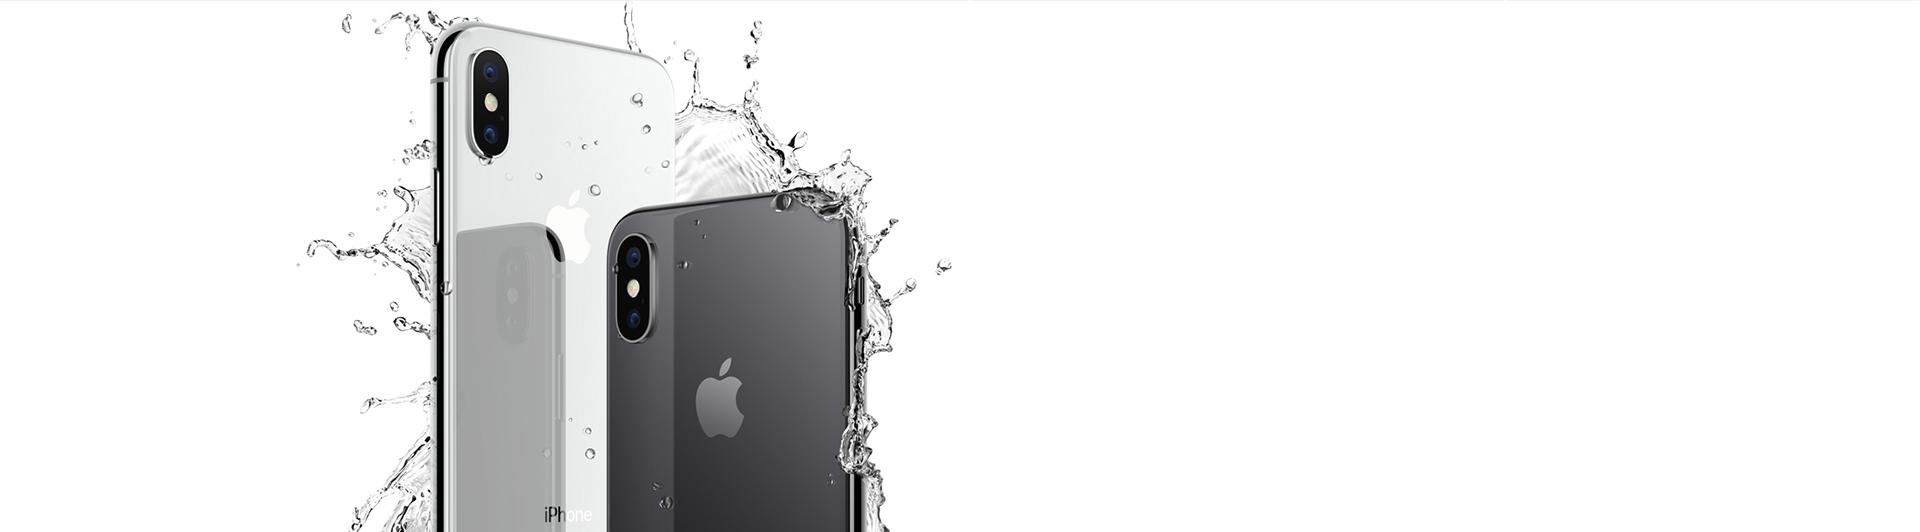 Điện thoại di động iPhone X 64GB Silver màn hình 5.8 inch siêu nét